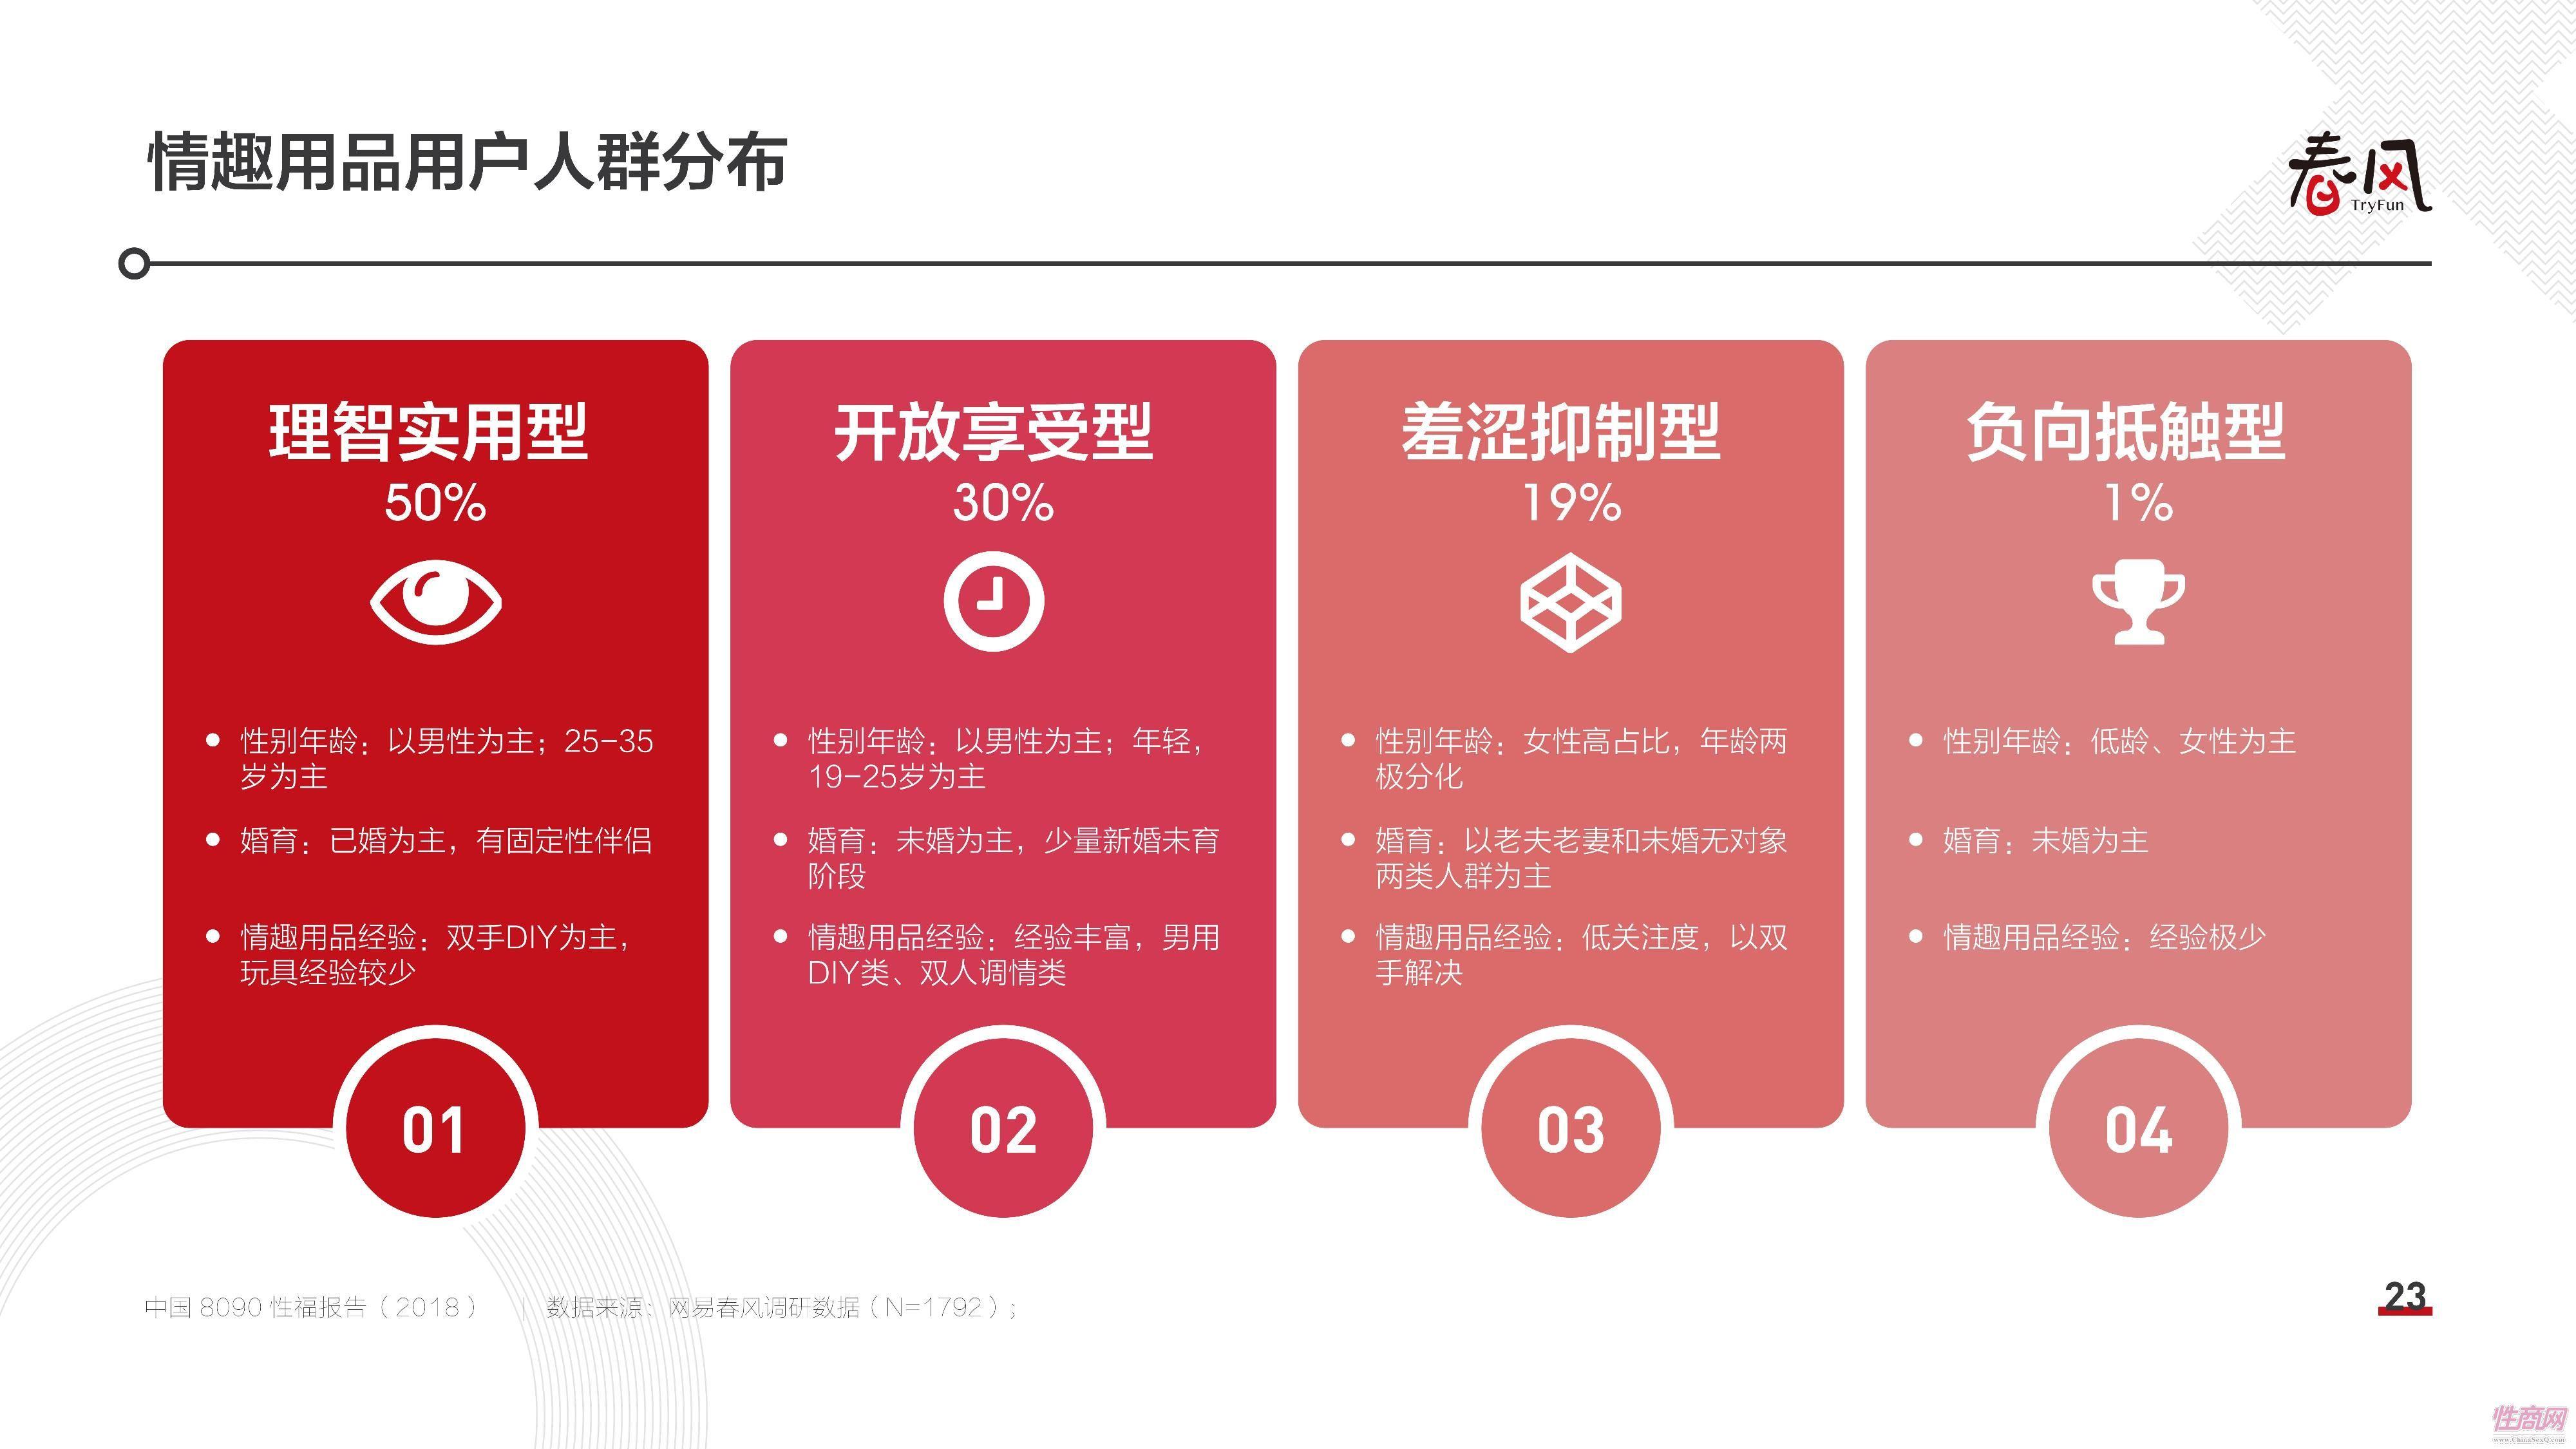 18中国8090性福报告 (22)